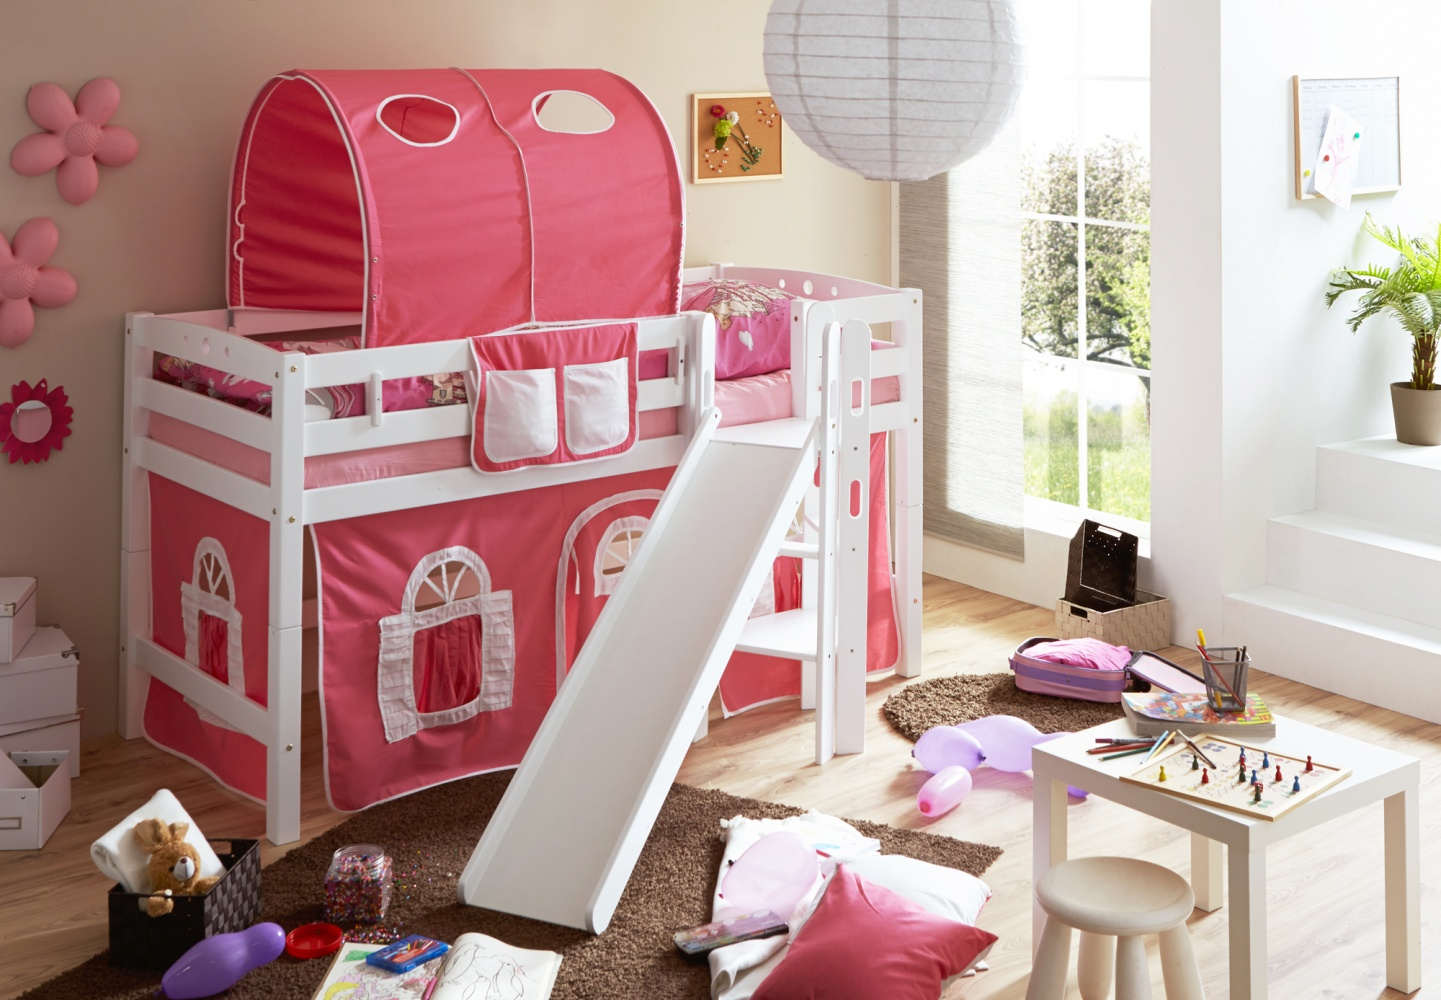 Ticaa 'Tino' Halbhochbett weiß, inkl. Vorhang rosa Bild 1